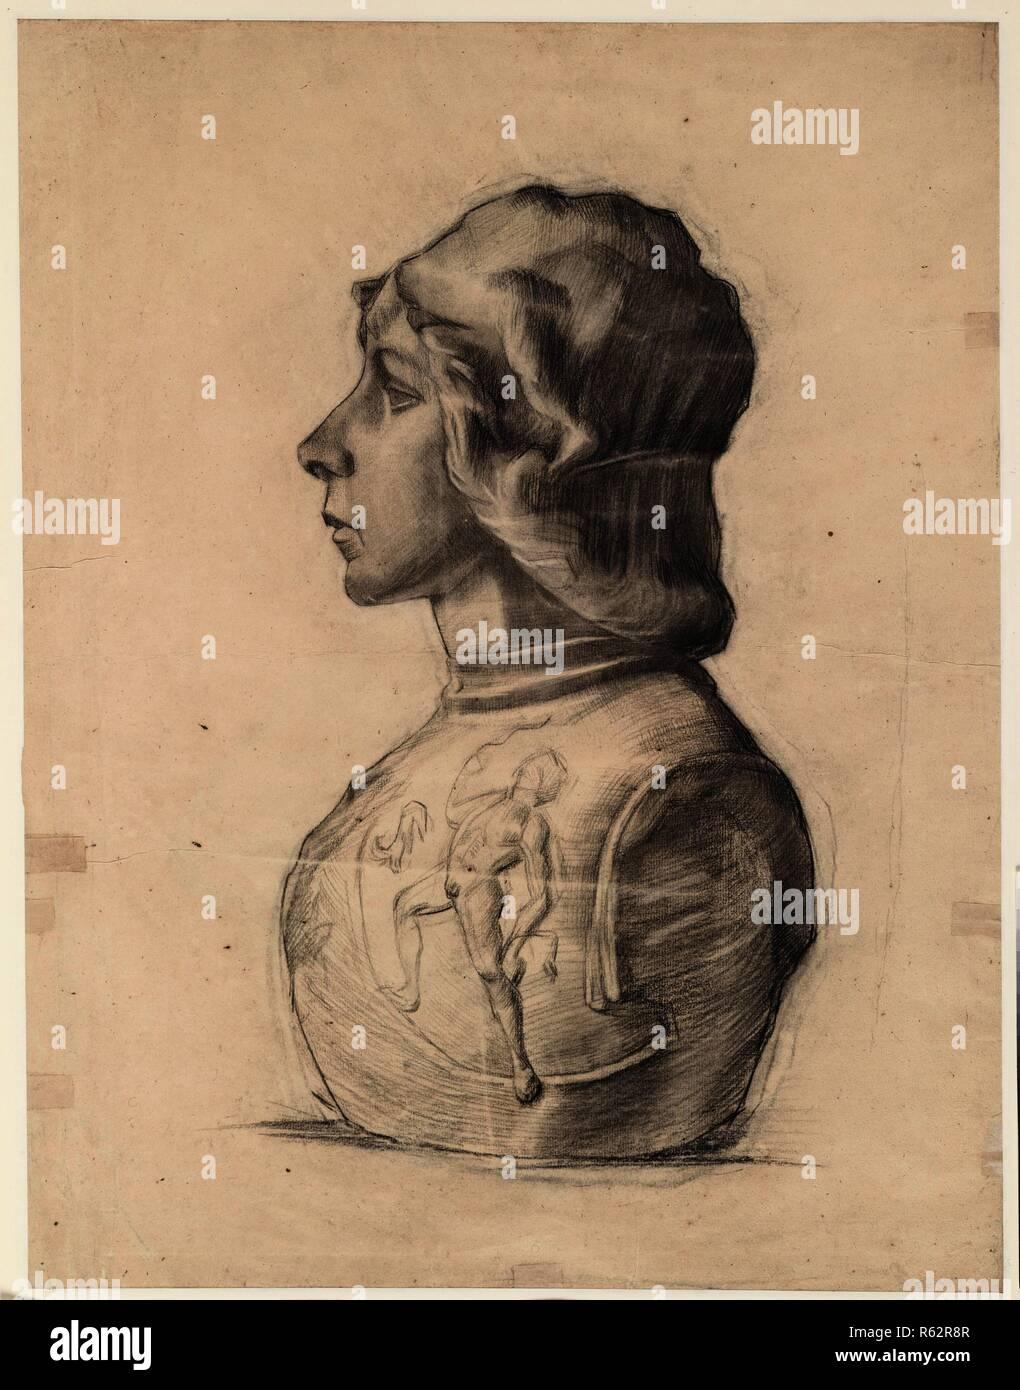 9abf8f84a Busto di un giovane guerriero. Data  marzo-maggio 1886